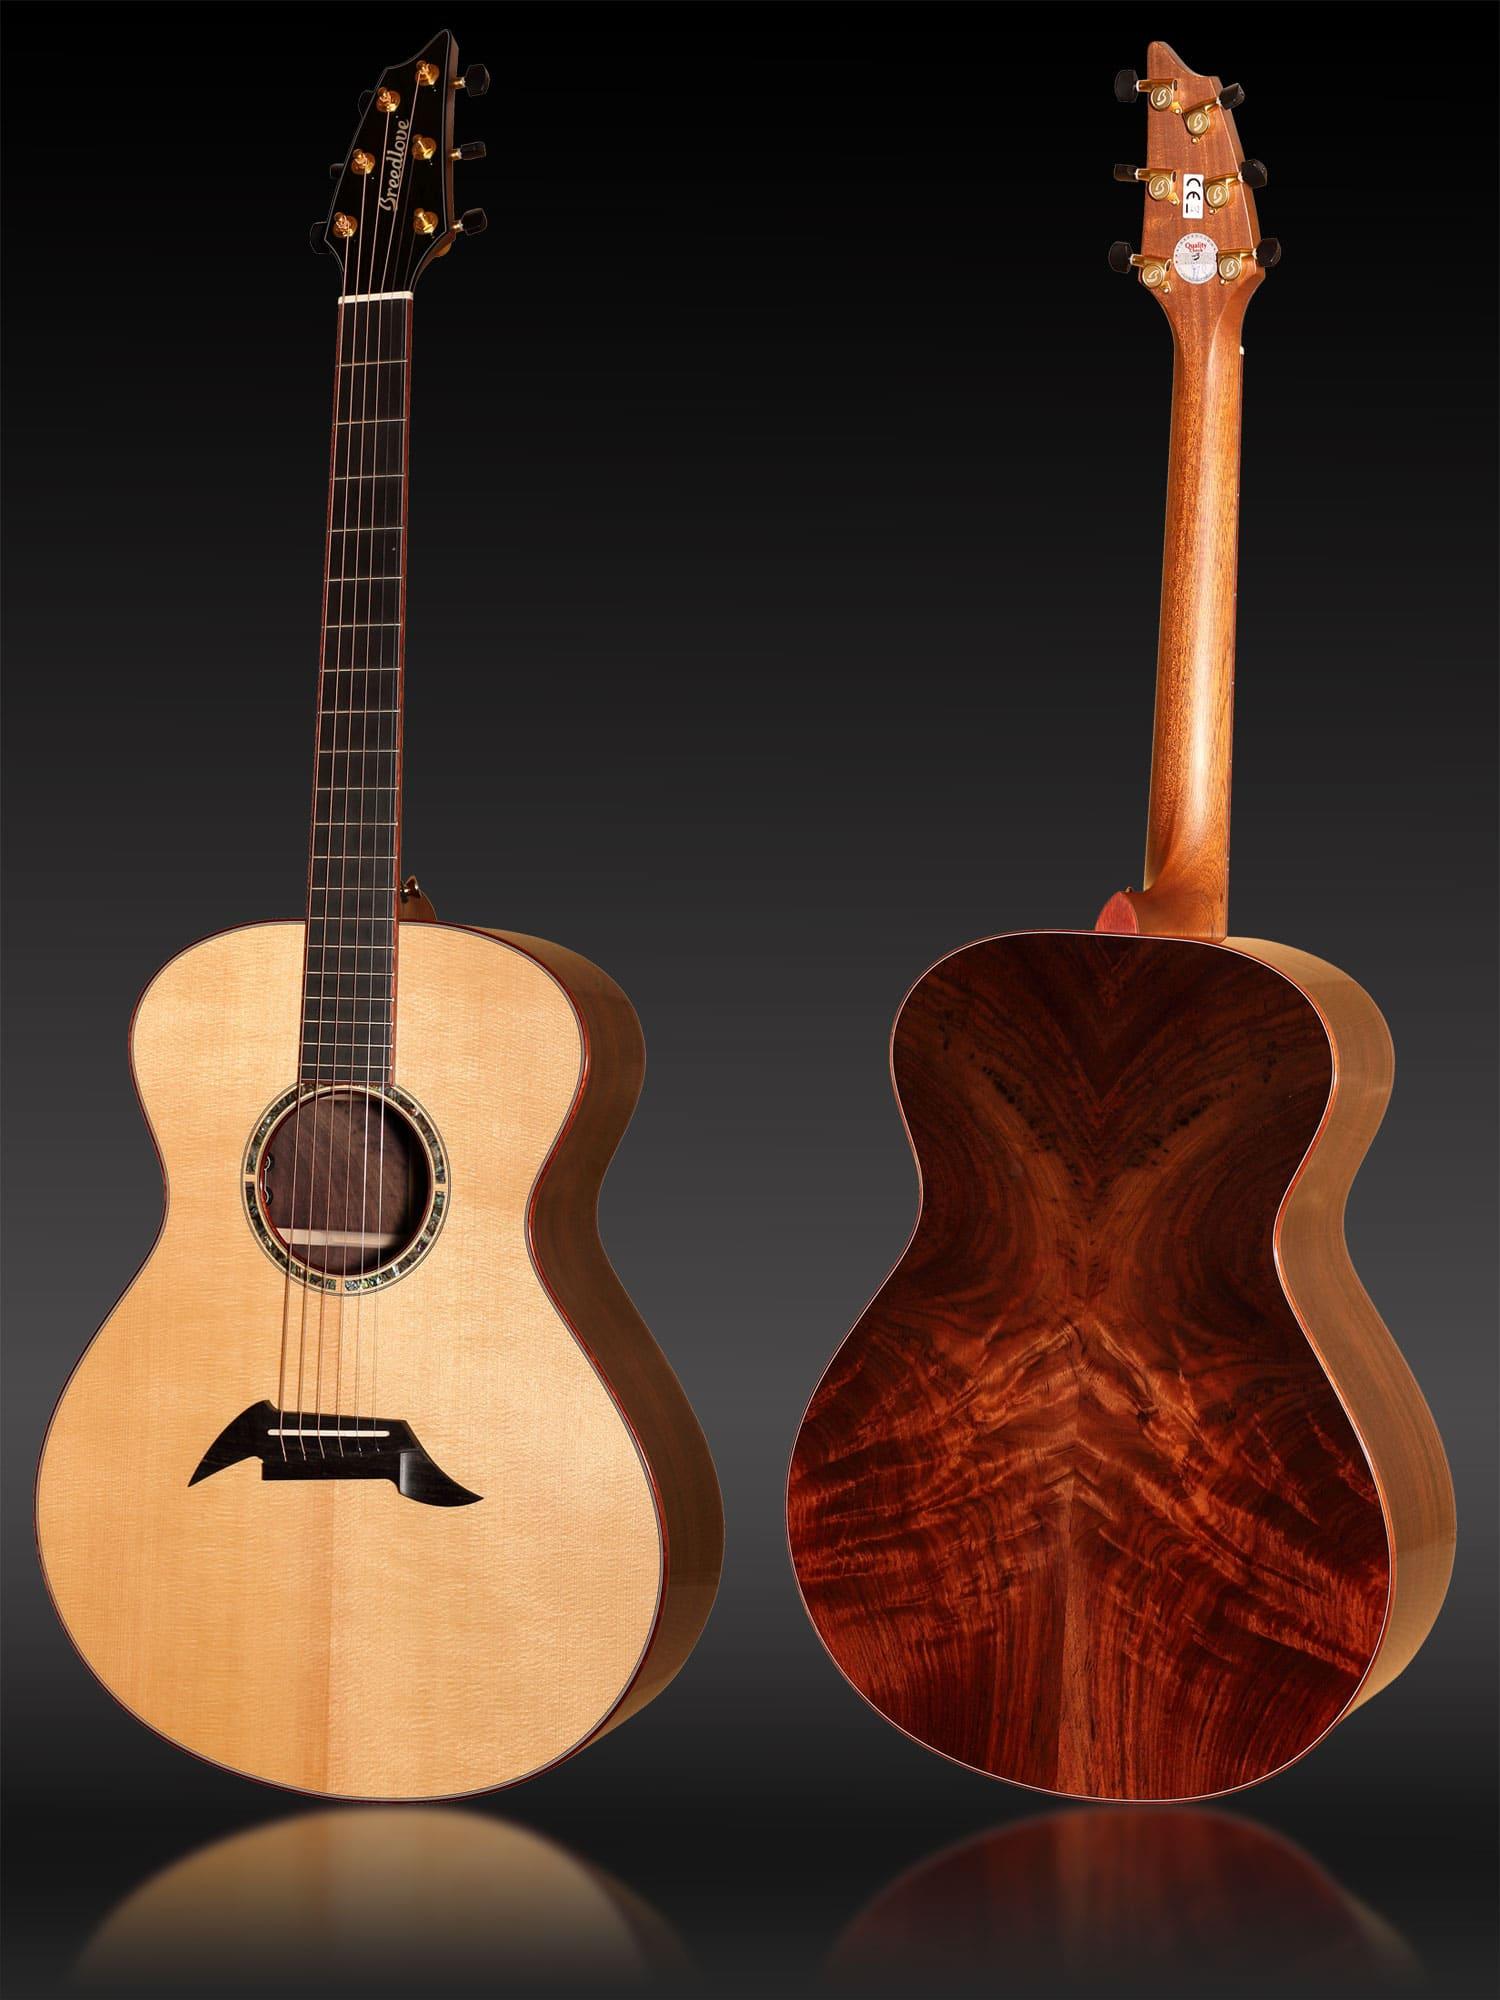 Breedlove Custom Concert Rosewood aus Sitkafichte und ostindischem Wurzelpalisander